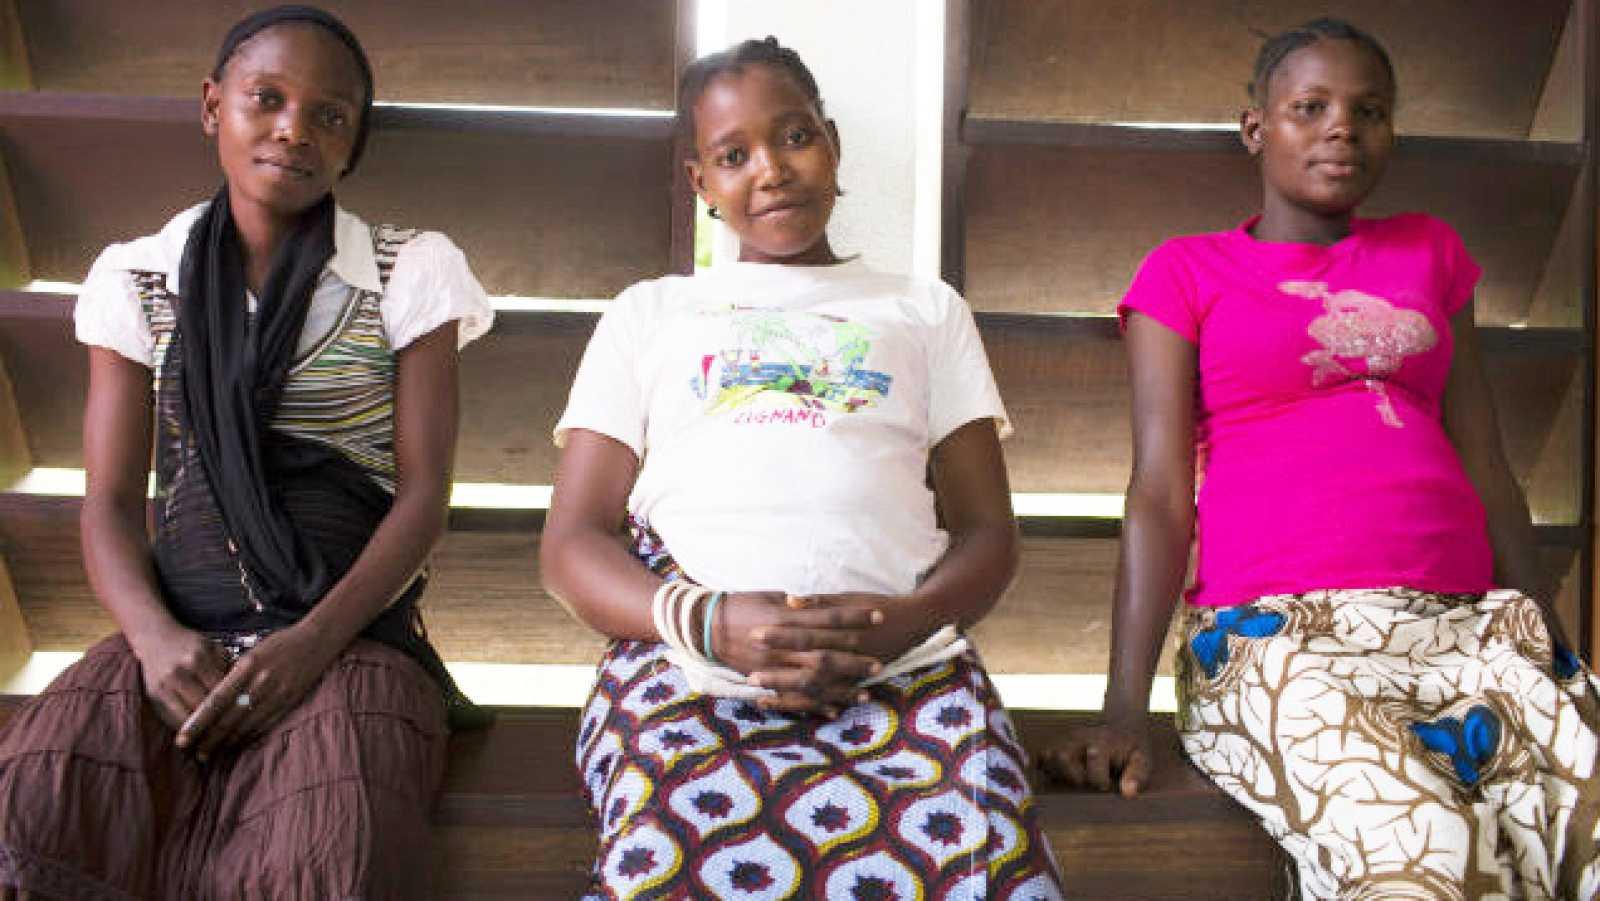 África hoy - 13.000 adolescentes africanas tienen que dejar los estudios a causa de su embarazo - 30/09/20 - escuchar ahora